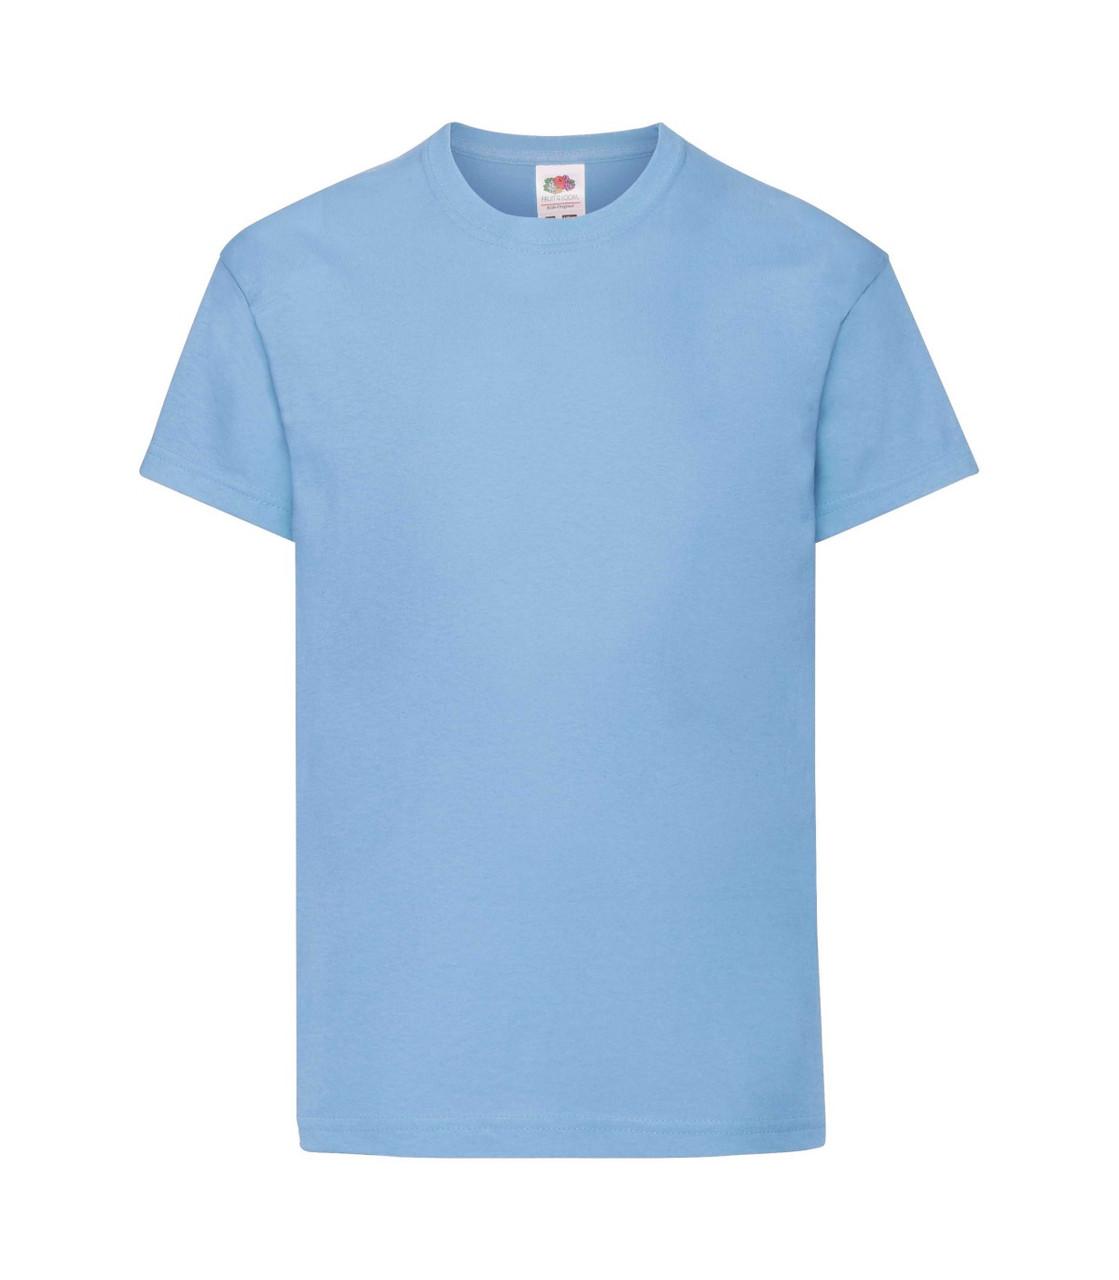 Футболка для мальчиков хлопок голубая 019-YT